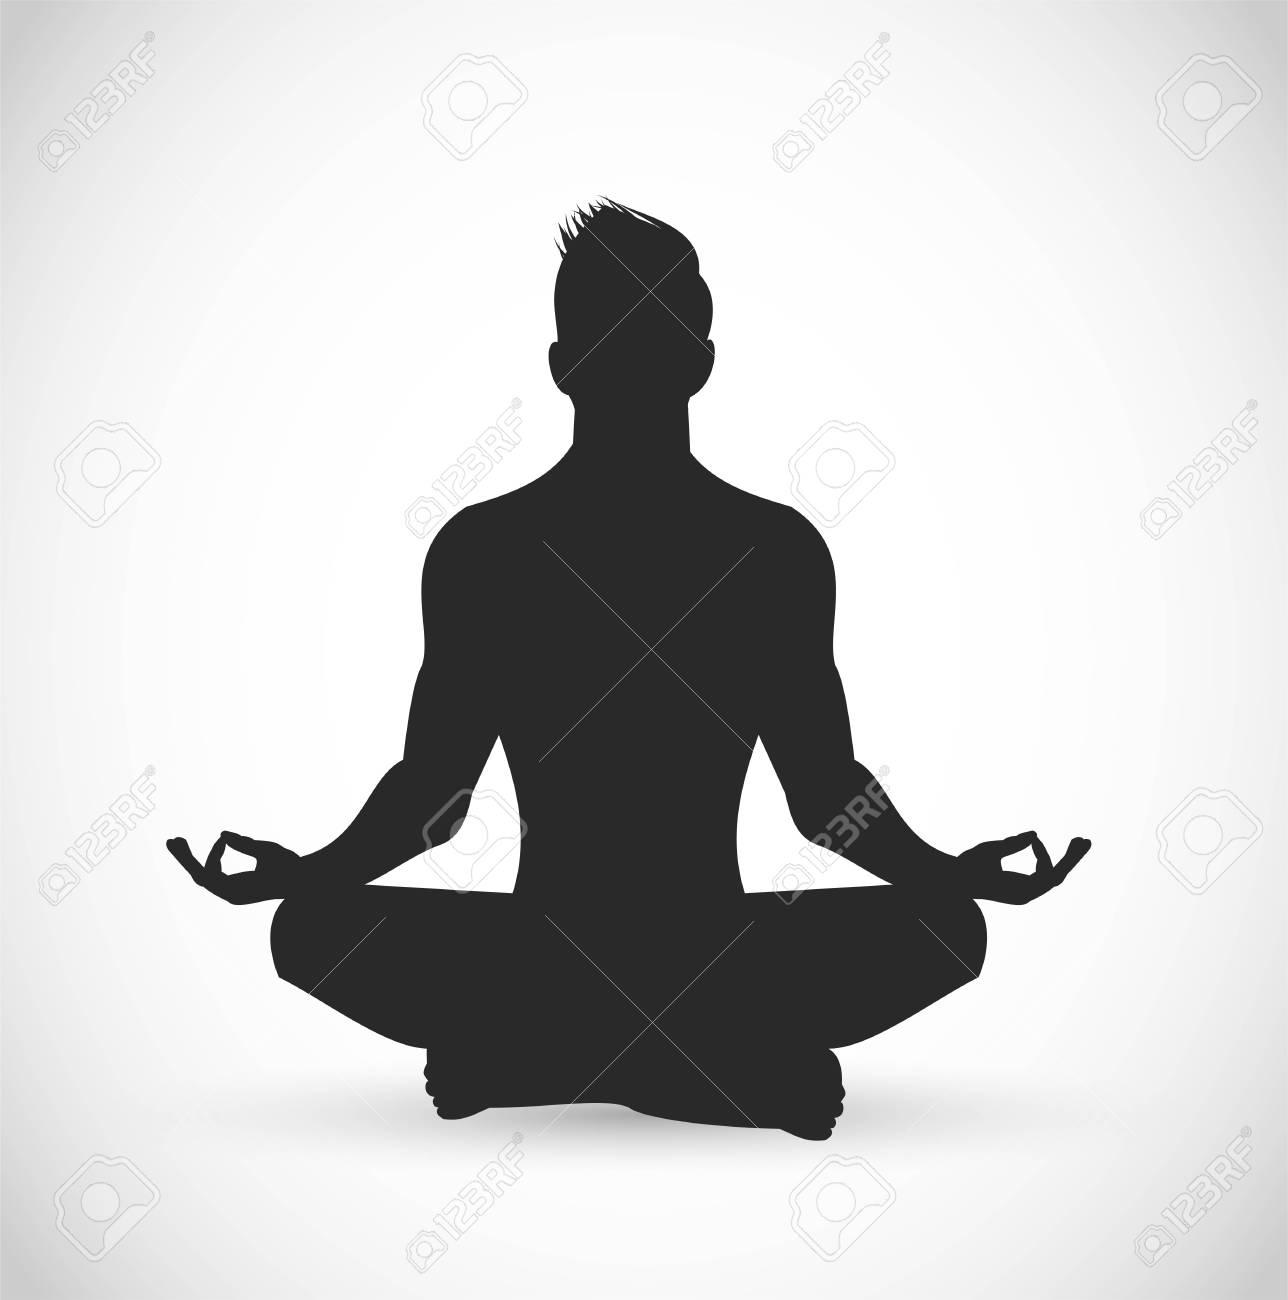 Man meditating vector illustration - 109176629